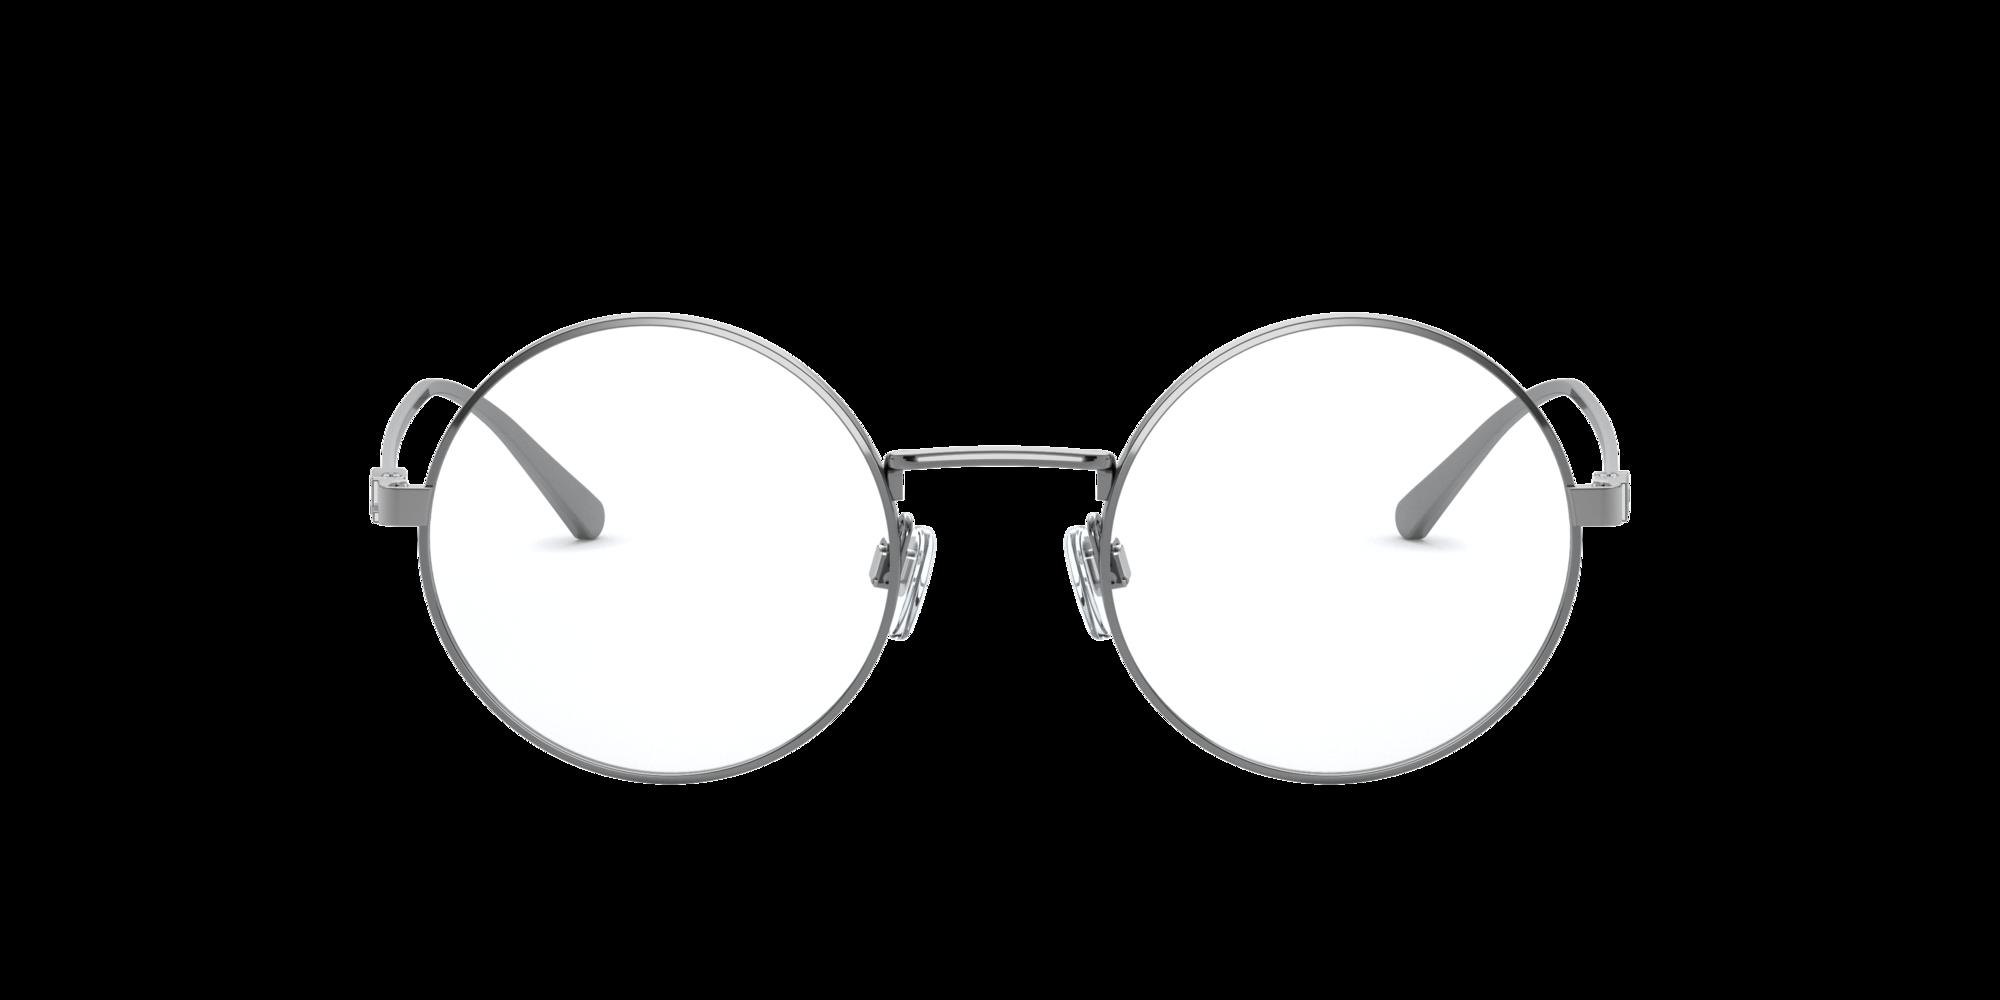 Imagen para RL5109 de LensCrafters    Espejuelos, espejuelos graduados en línea, gafas